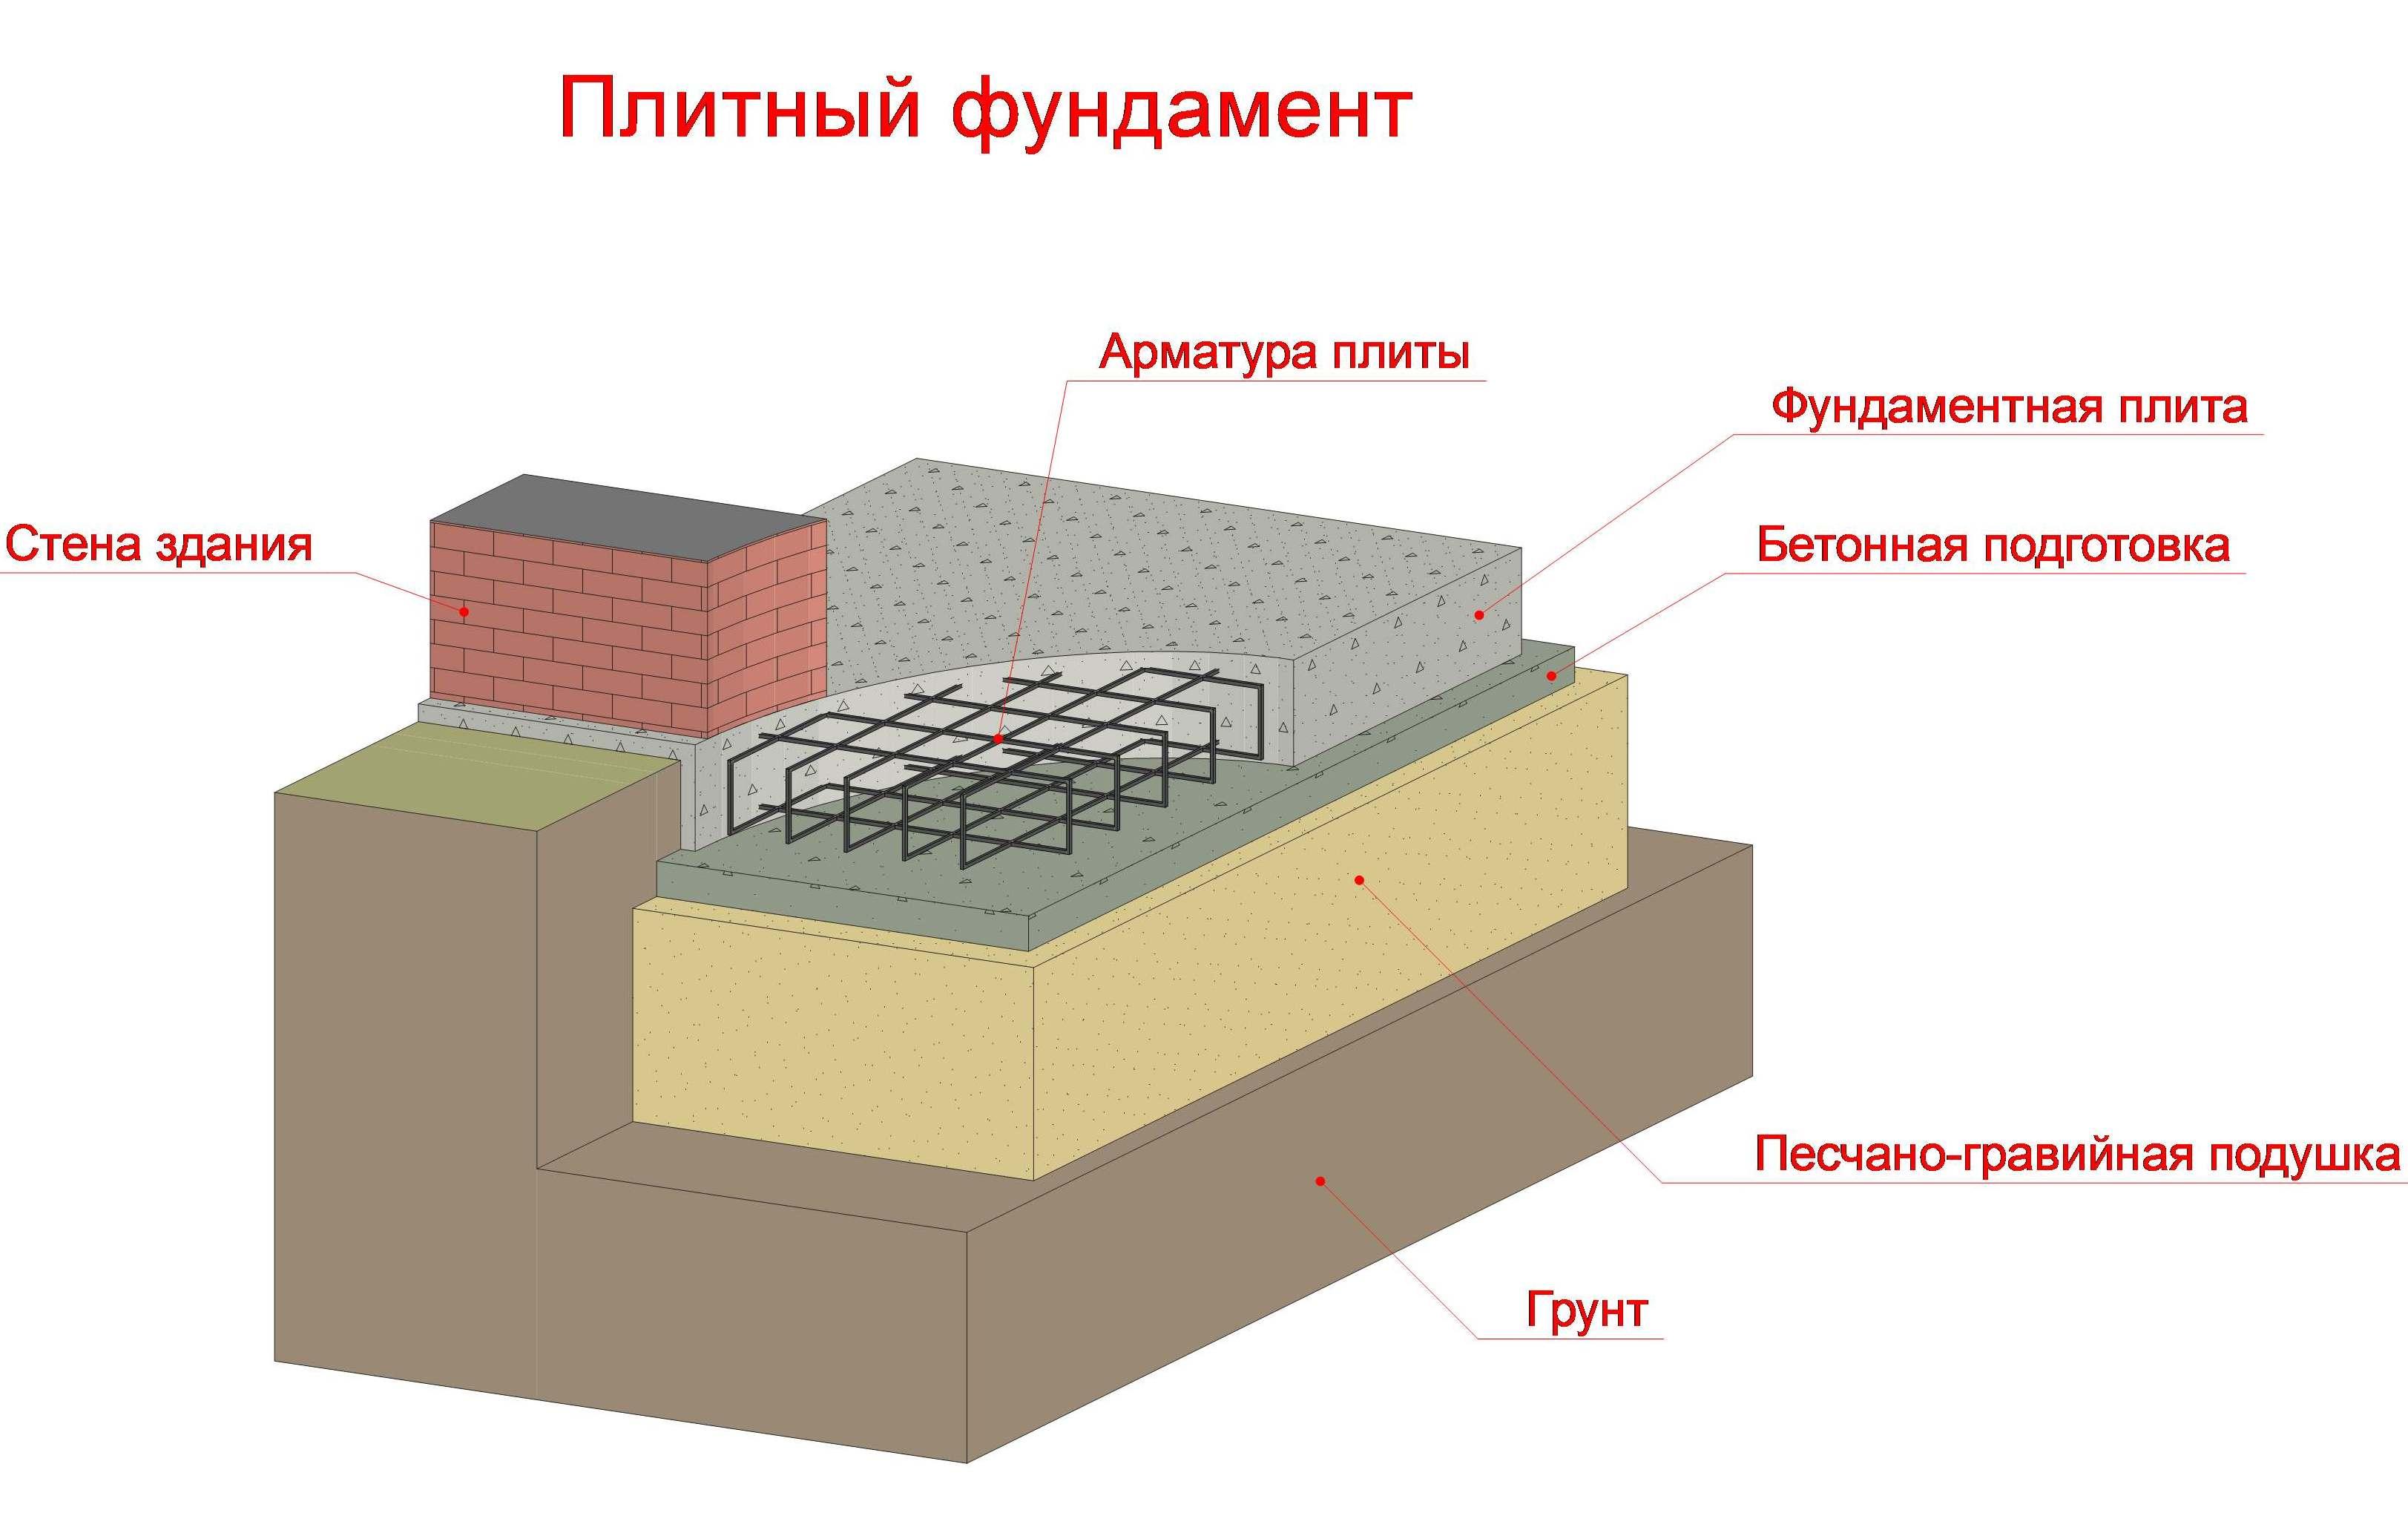 Как построить плавающий фундамент своими руками: обзор технологии